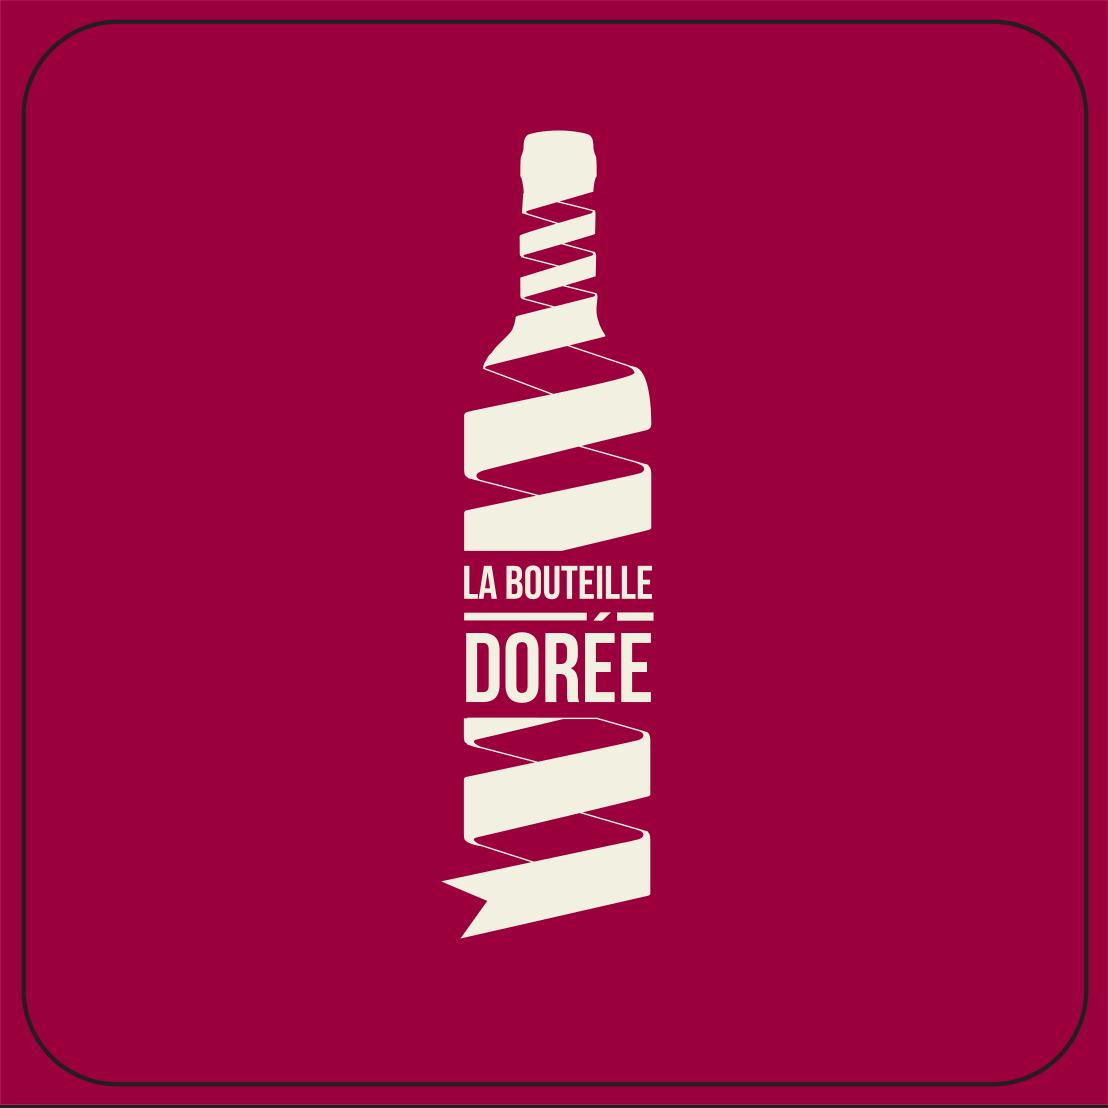 Bordeaux 1983